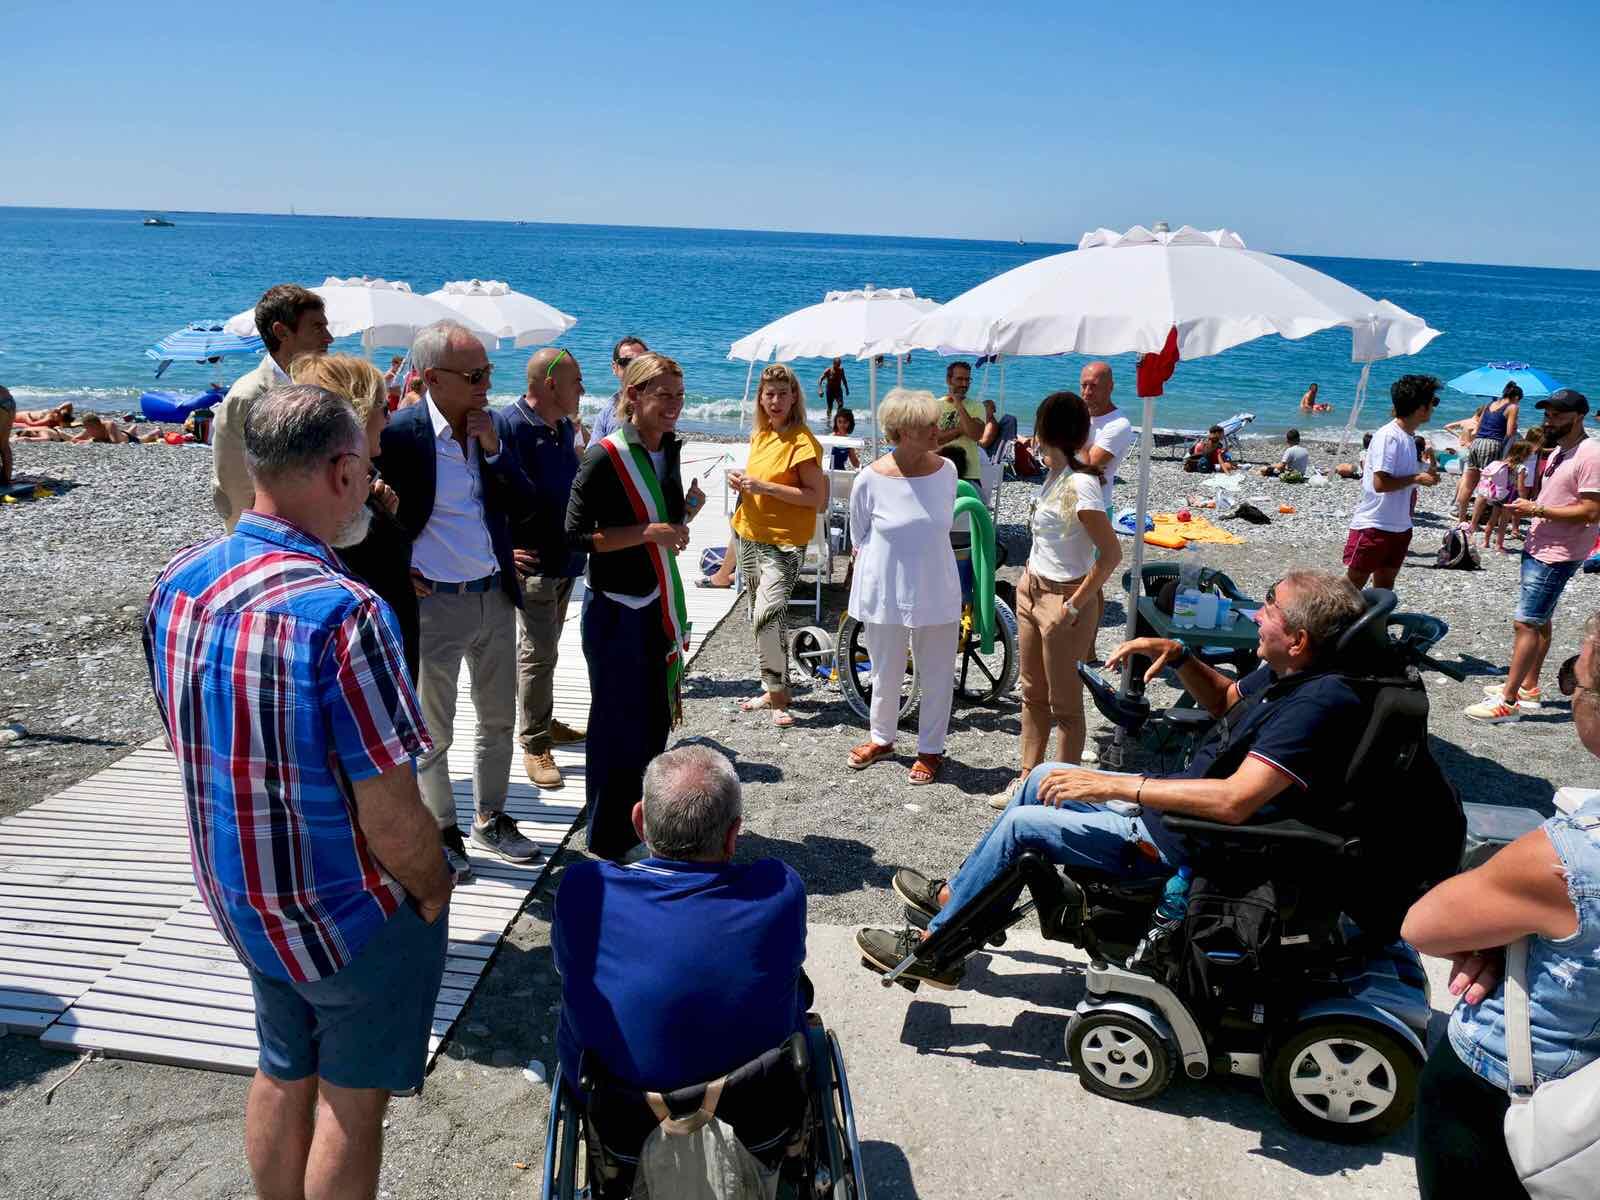 Inaugurazione spiaggia attrezzata di Lavagna per persone disabili 2019.07.16 - 1